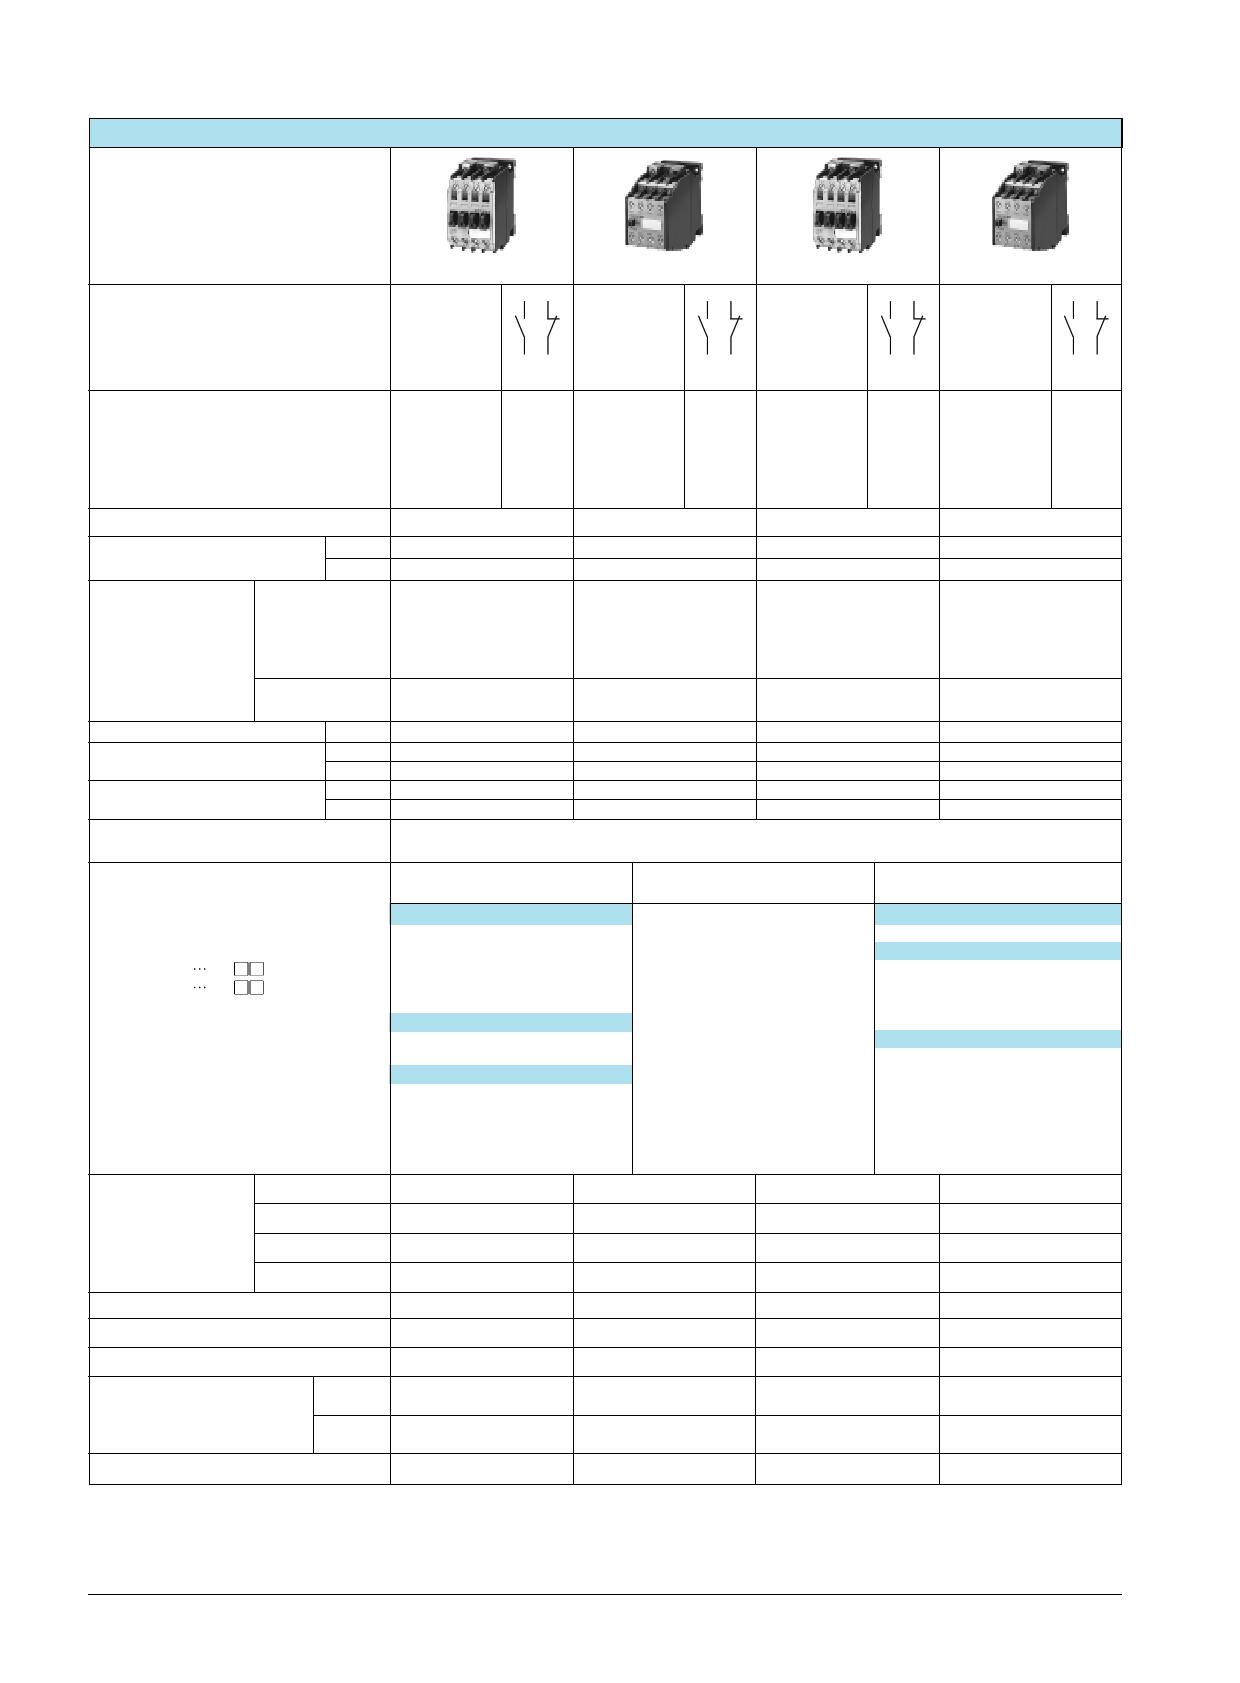 3TF32 Datenblatt PDF